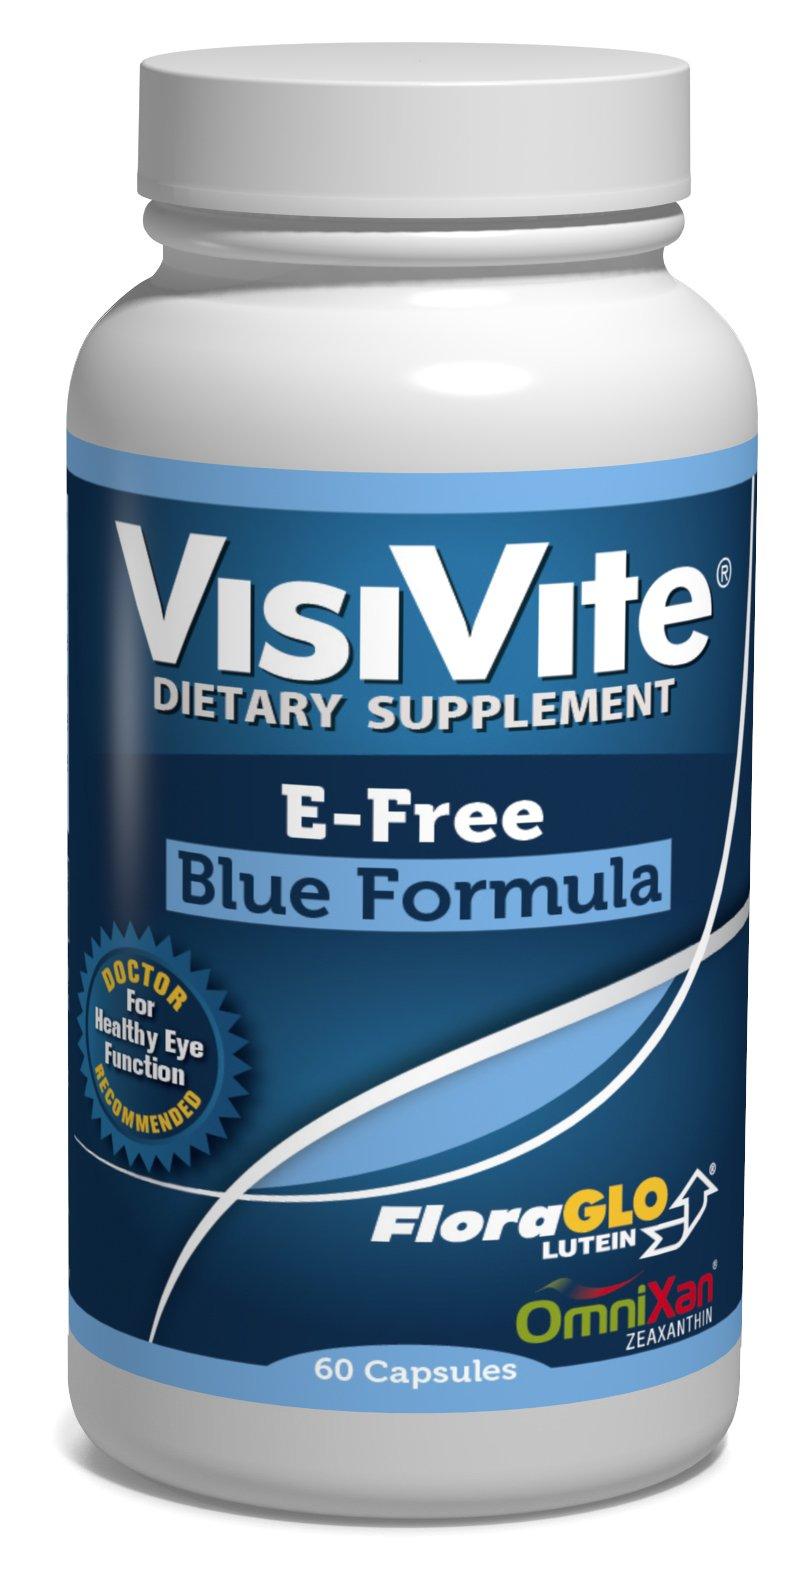 VisiVite AREDS2 E-Free Blue Formula 60 Capsules